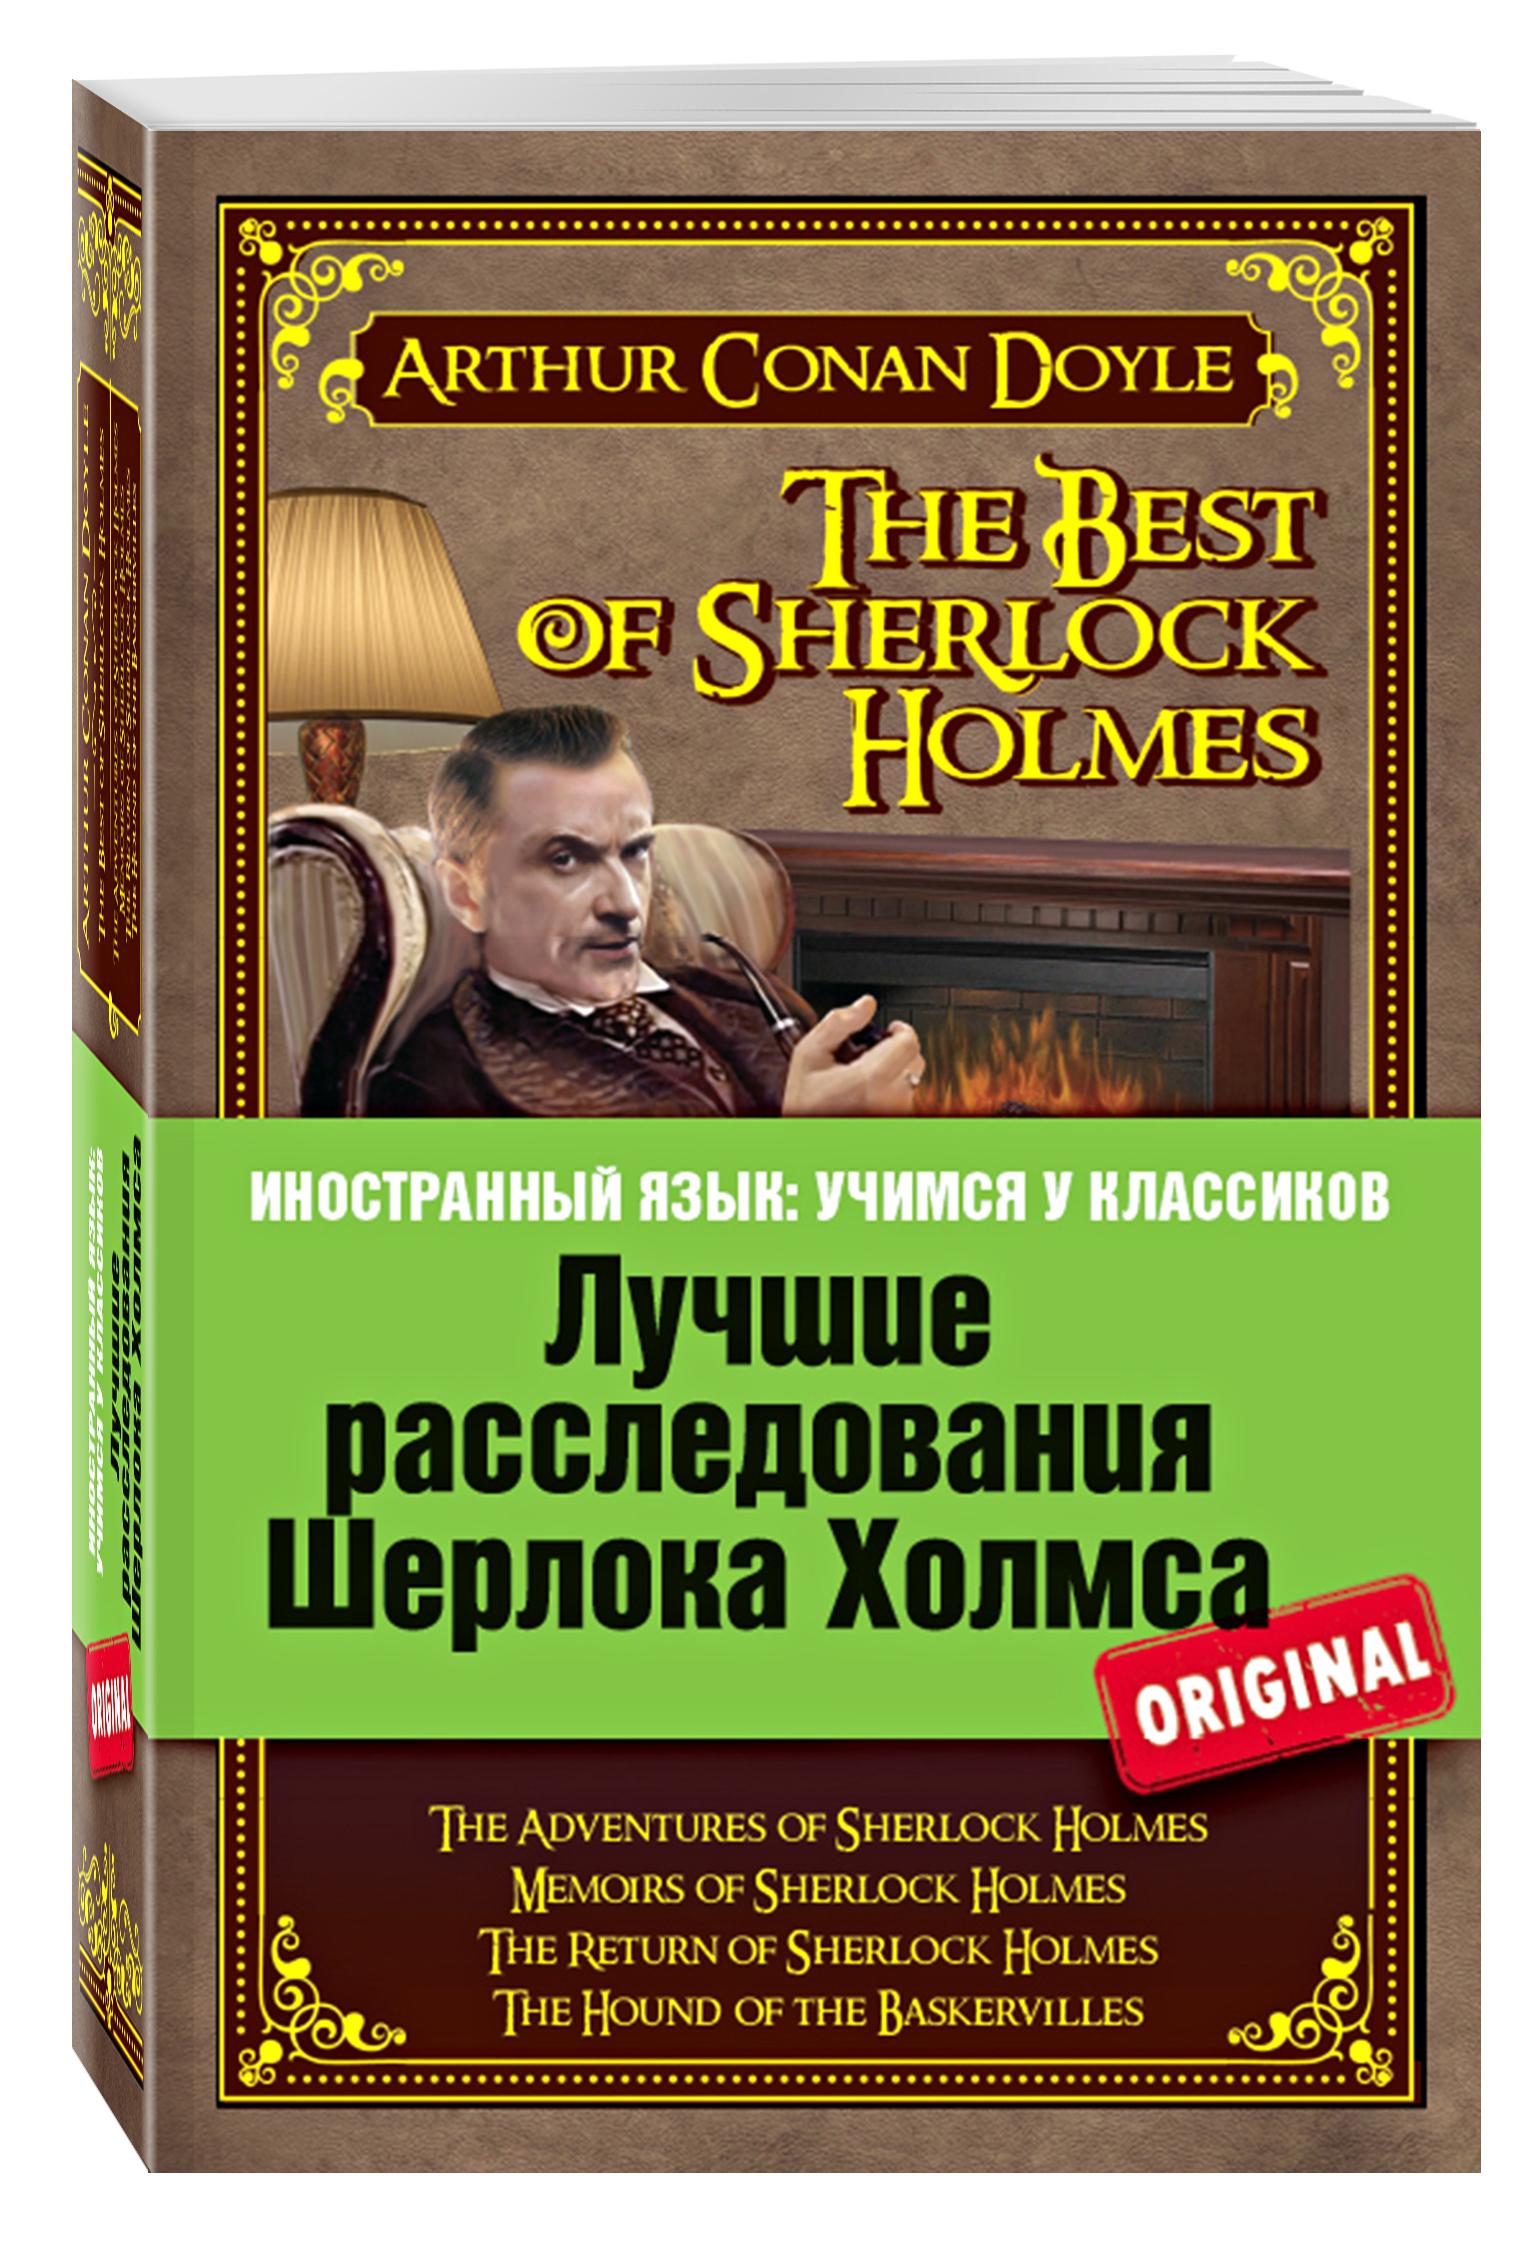 Лучшие расследования Шерлока Холмса: Приключения Шерлока Холмса, Воспоминания Шерлока Холмса, Возвращение Шерлока Холмса, Собака Баскервилей